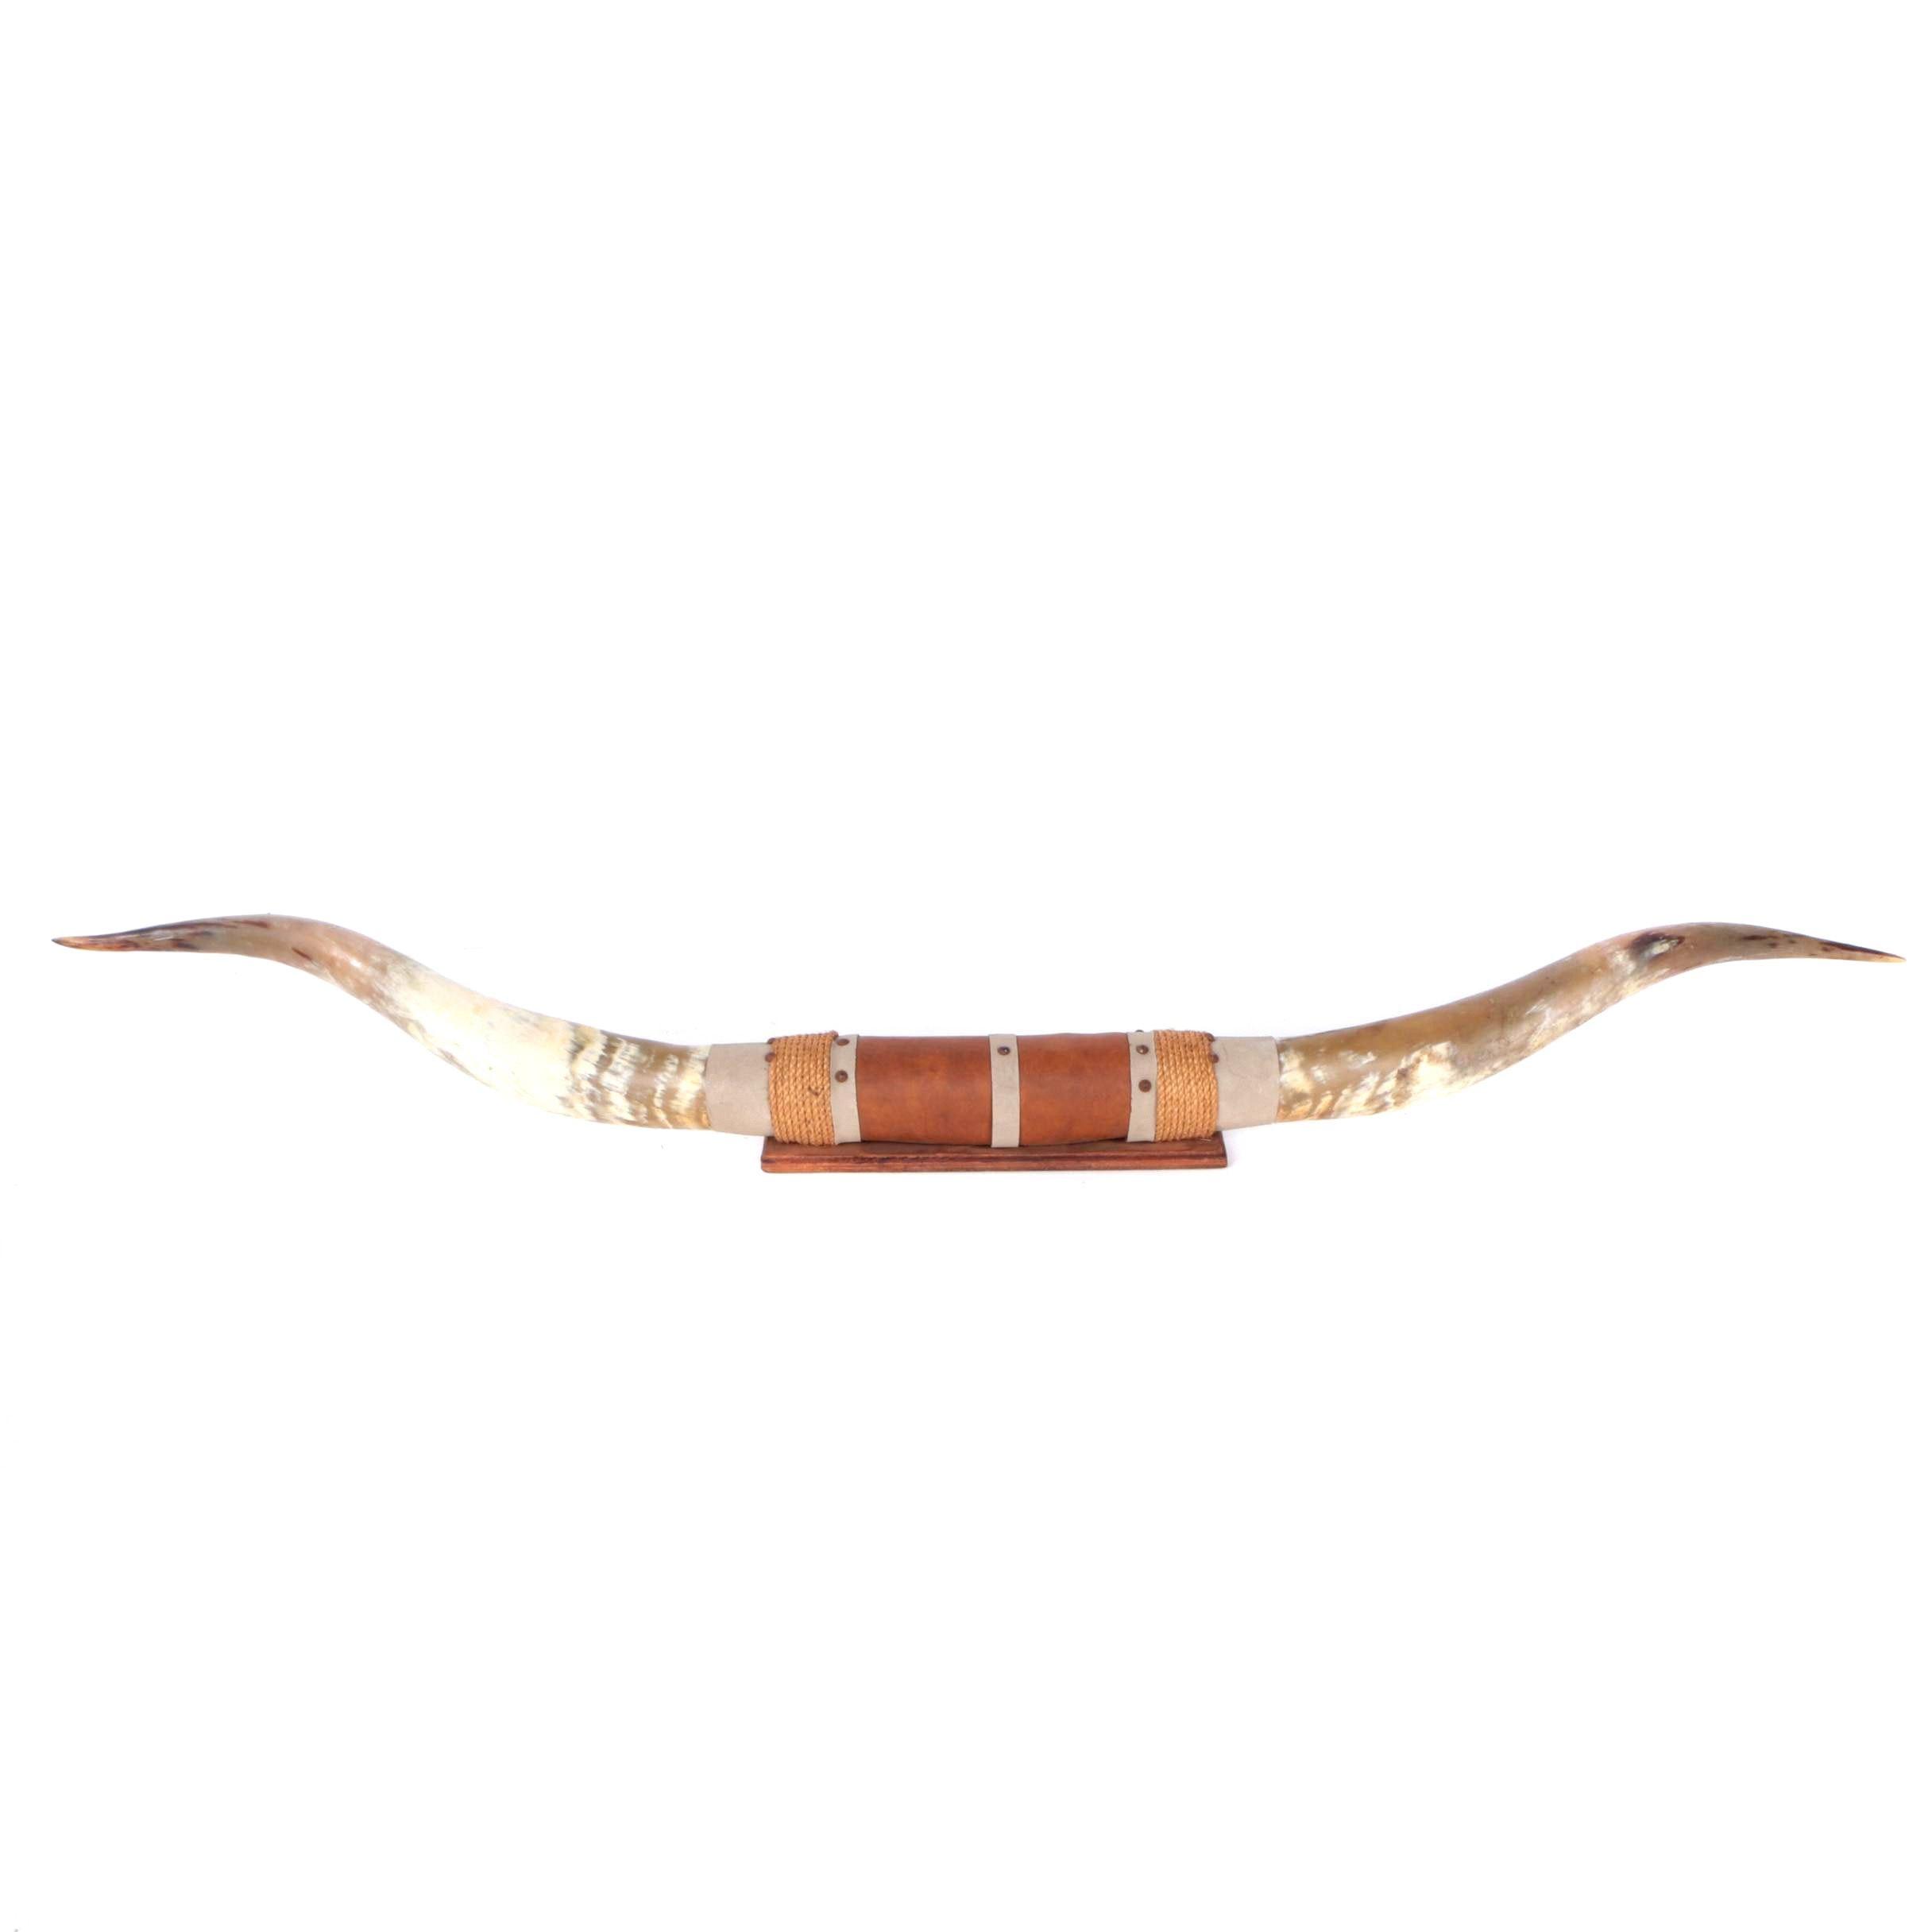 Mounted Longhorn Steer Horns